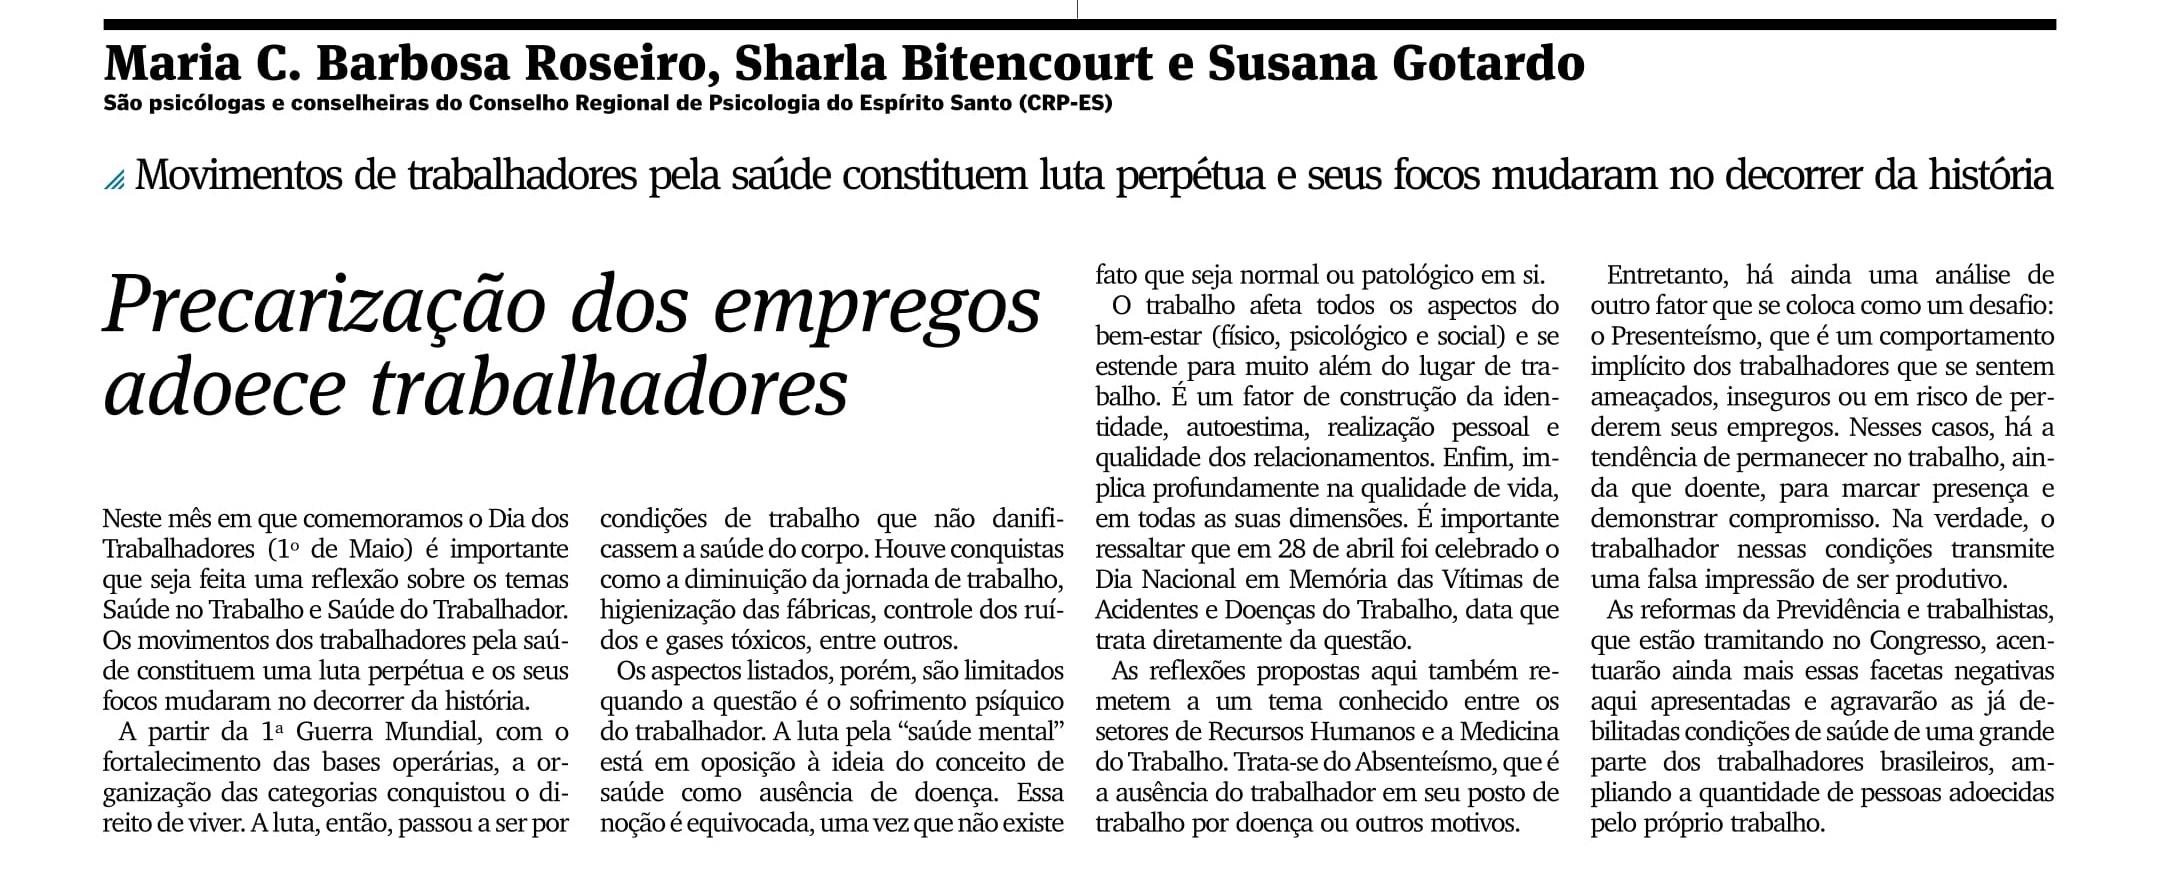 Precarização dos empregos adoece trabalhadores_AG_OPINIÃO_PÁG 17_23.05.2017-1